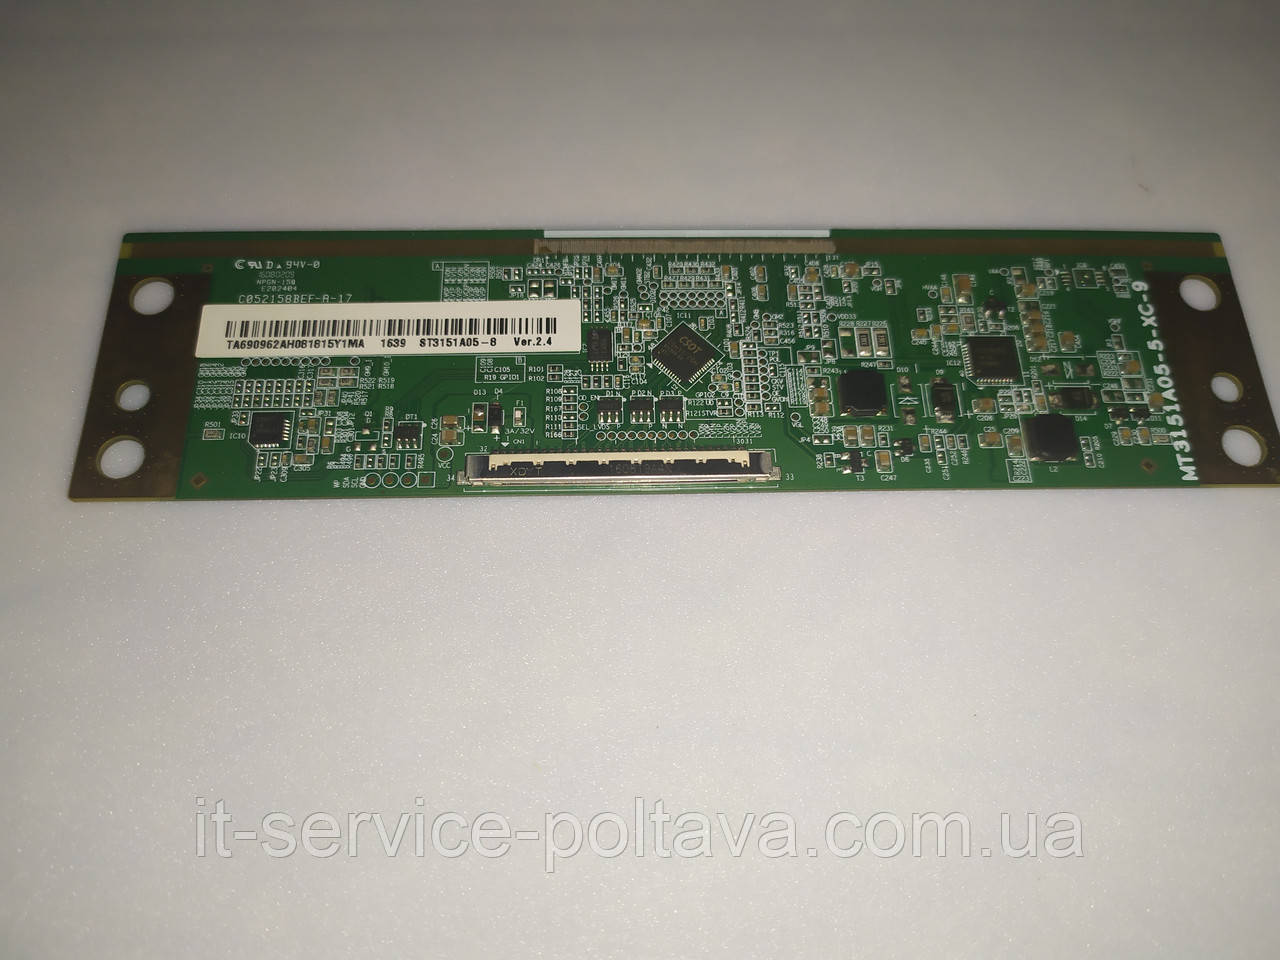 Плата (T-Con) MT3151A05-5-XC-9  Ver. 2.4 для телевізора BRAVIS